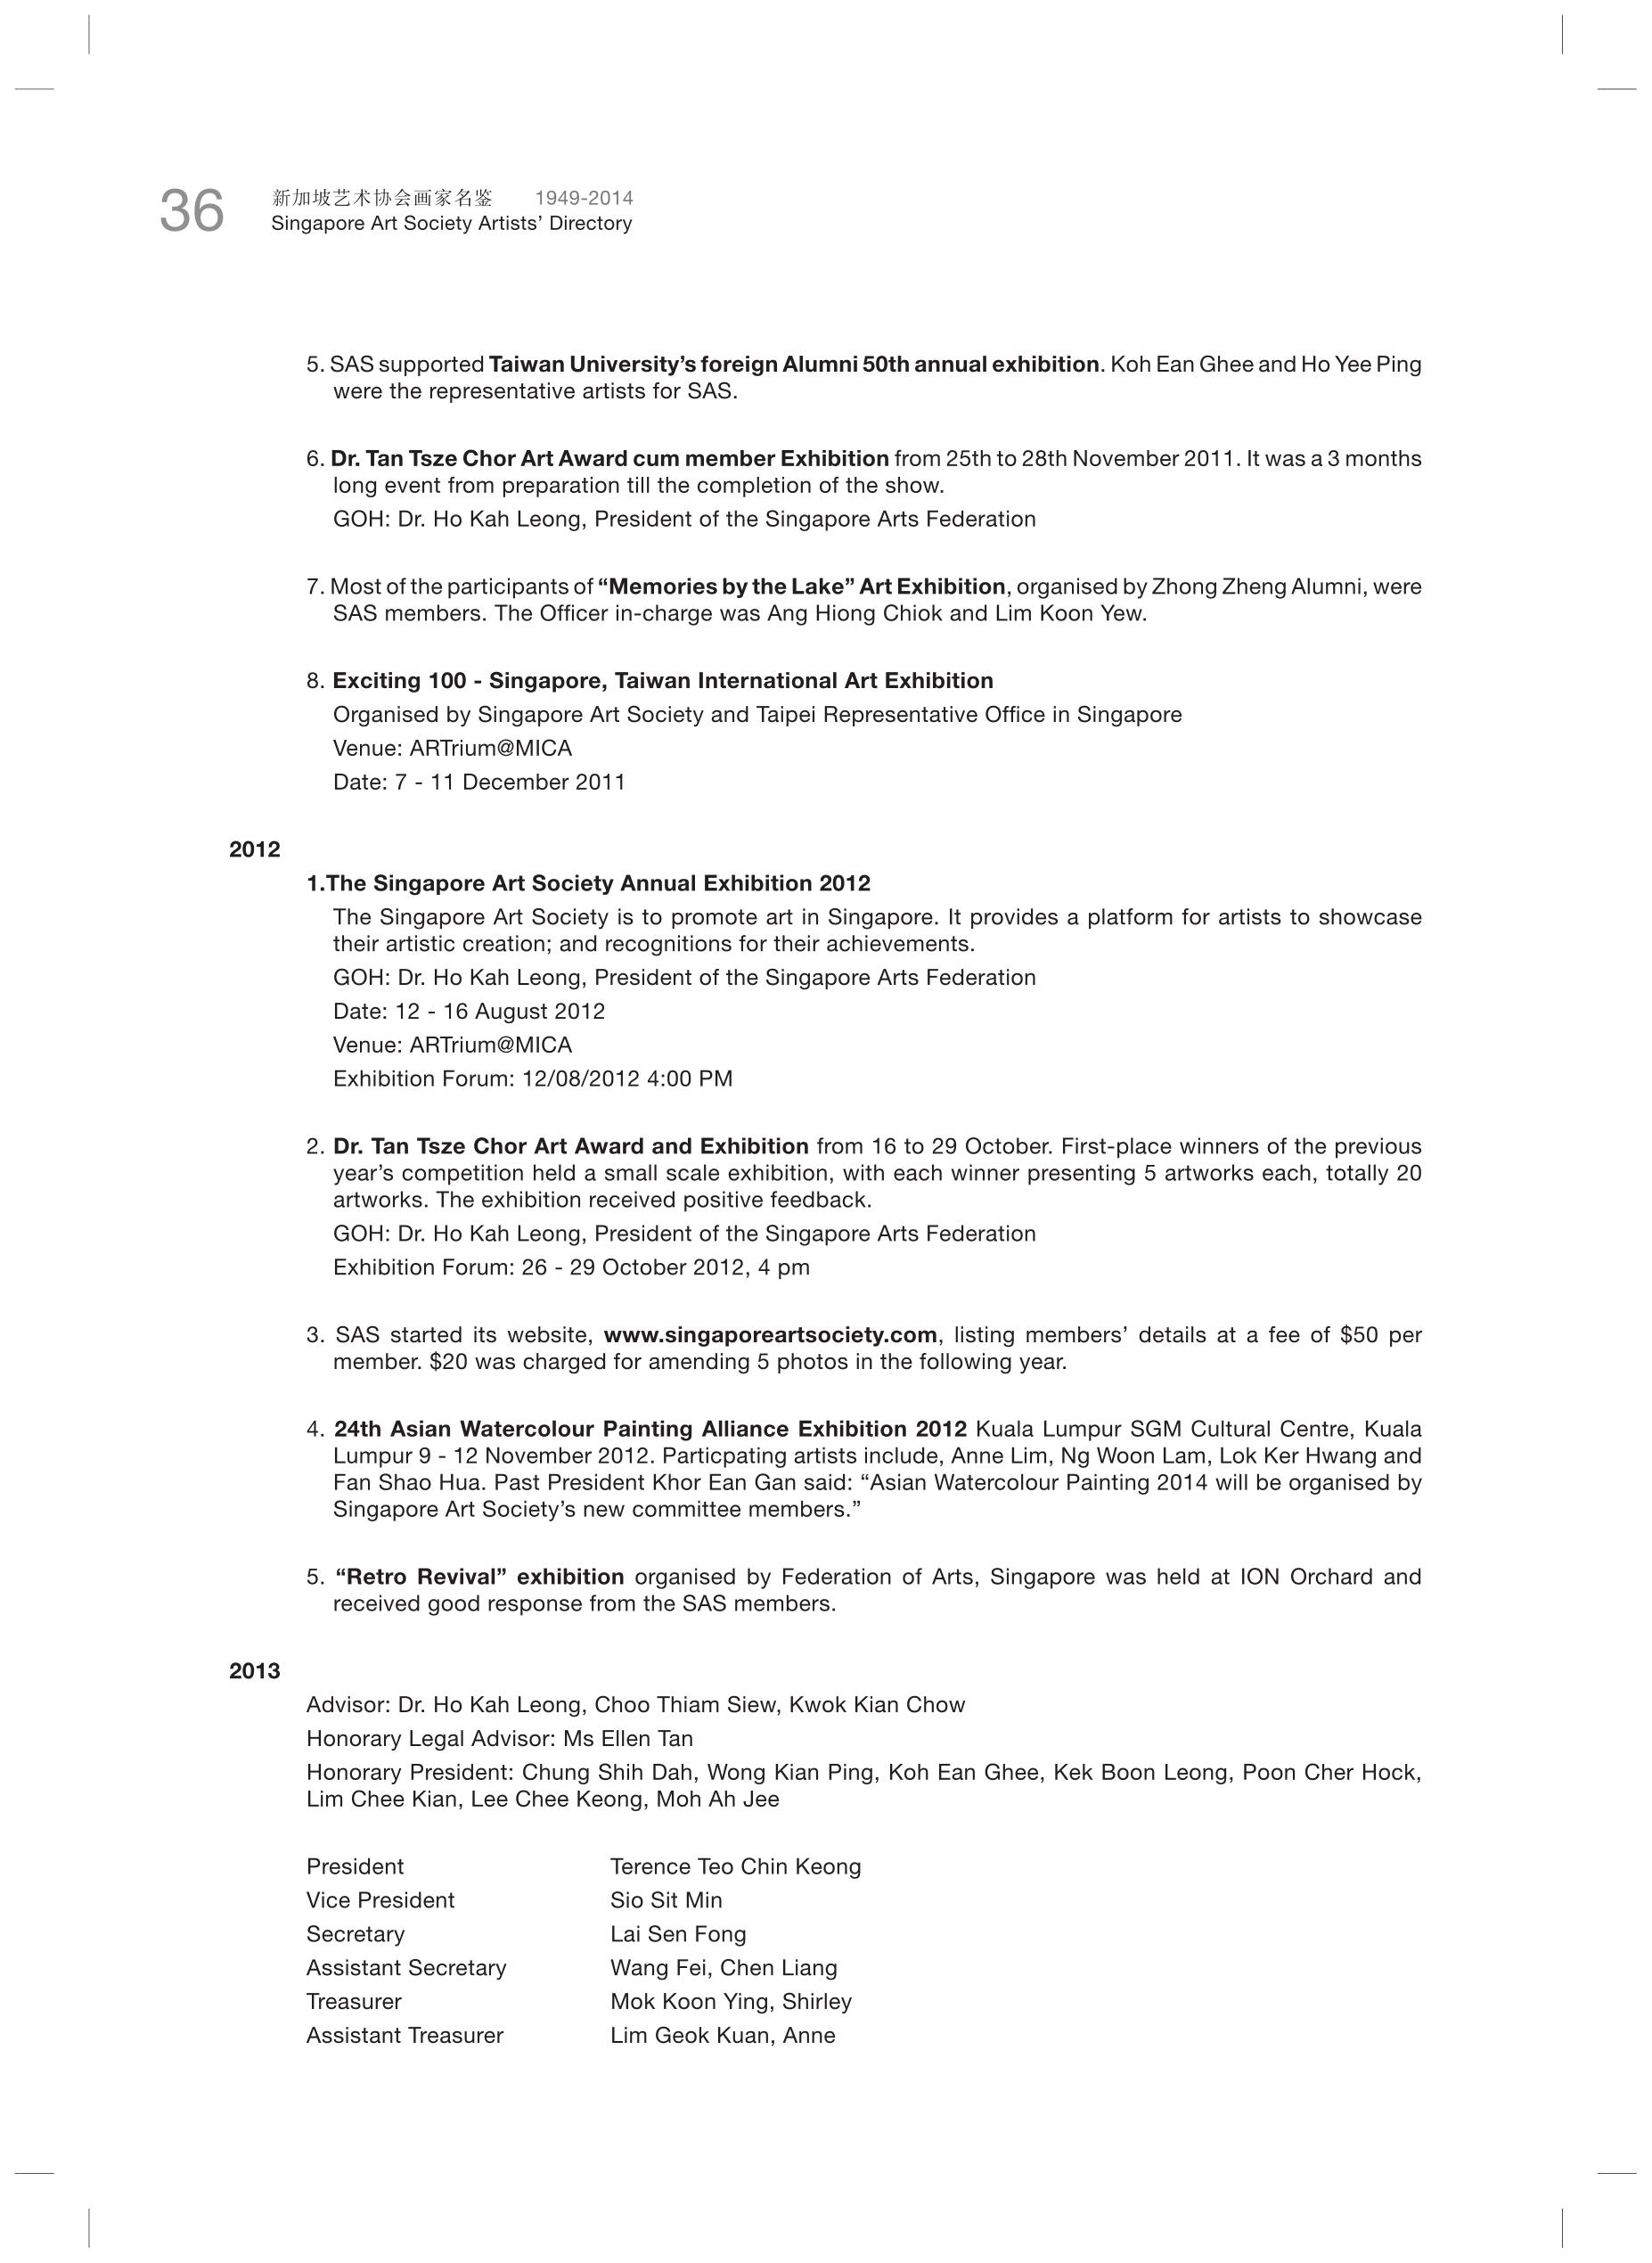 SG 65 inside_Part4-03